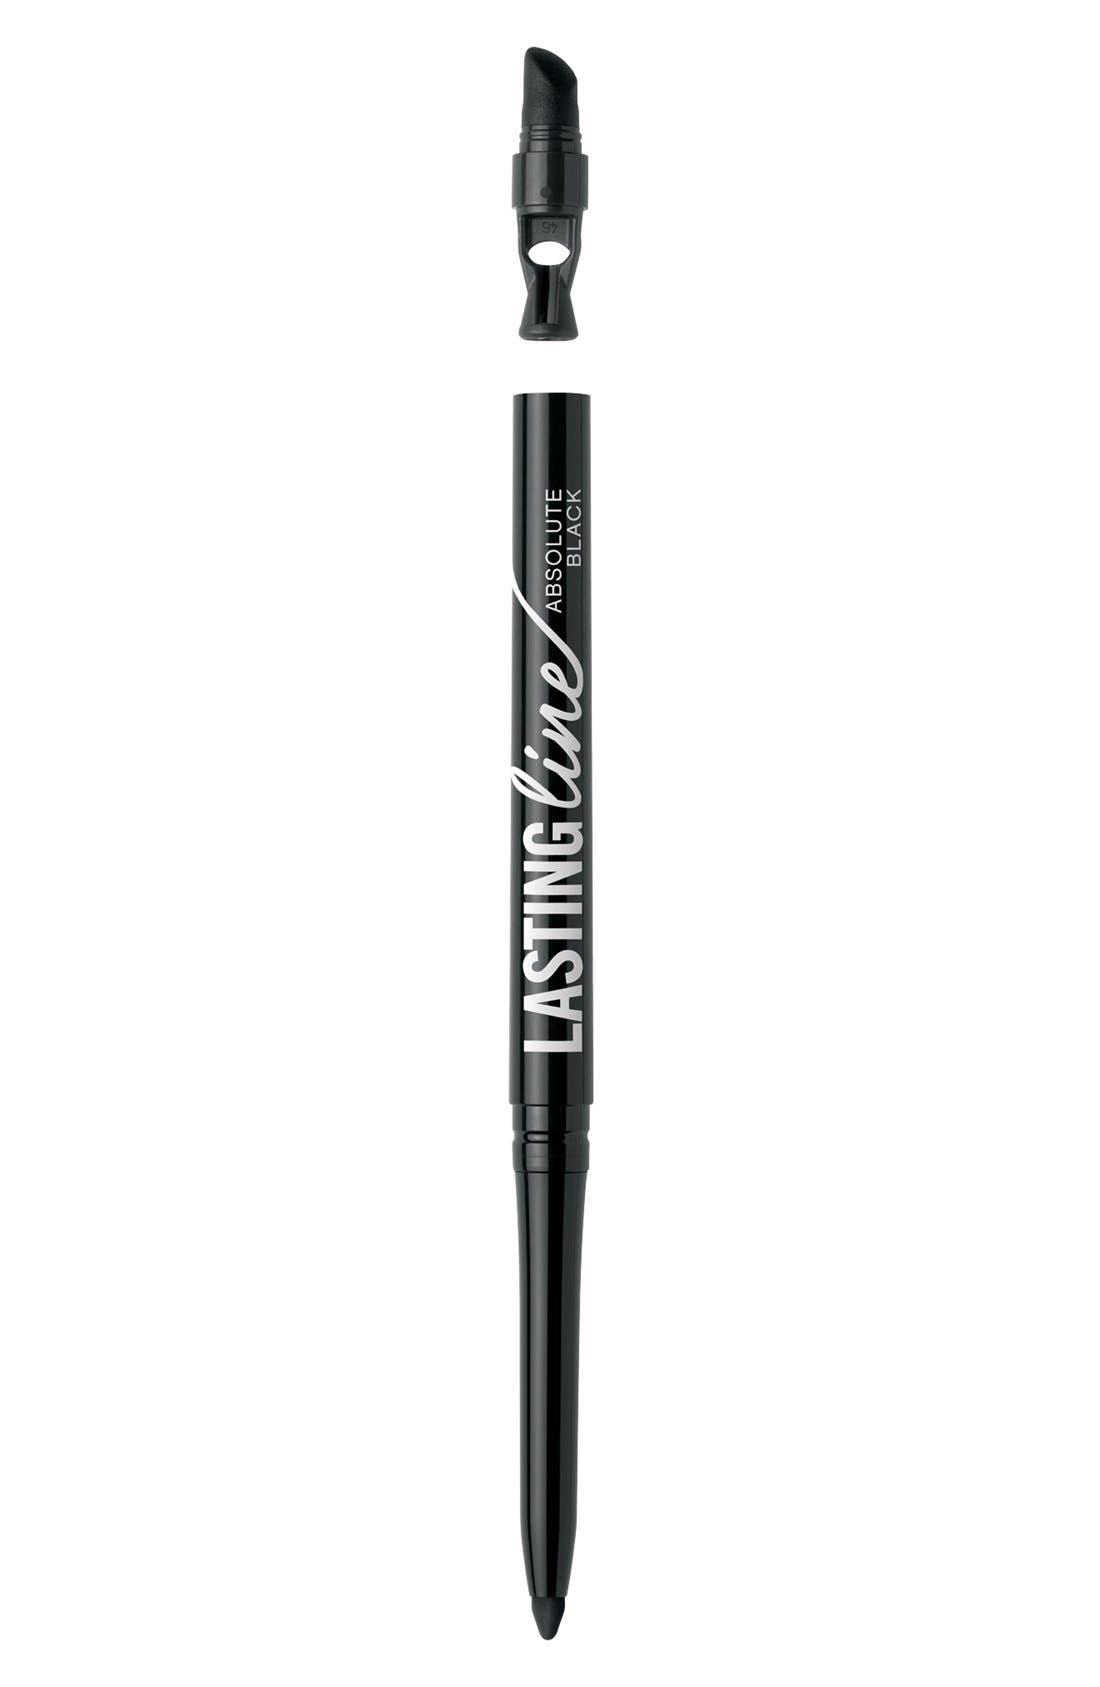 Bareminerals Lasting Line(TM) Long-Wearing Eyeliner - Absolute Black